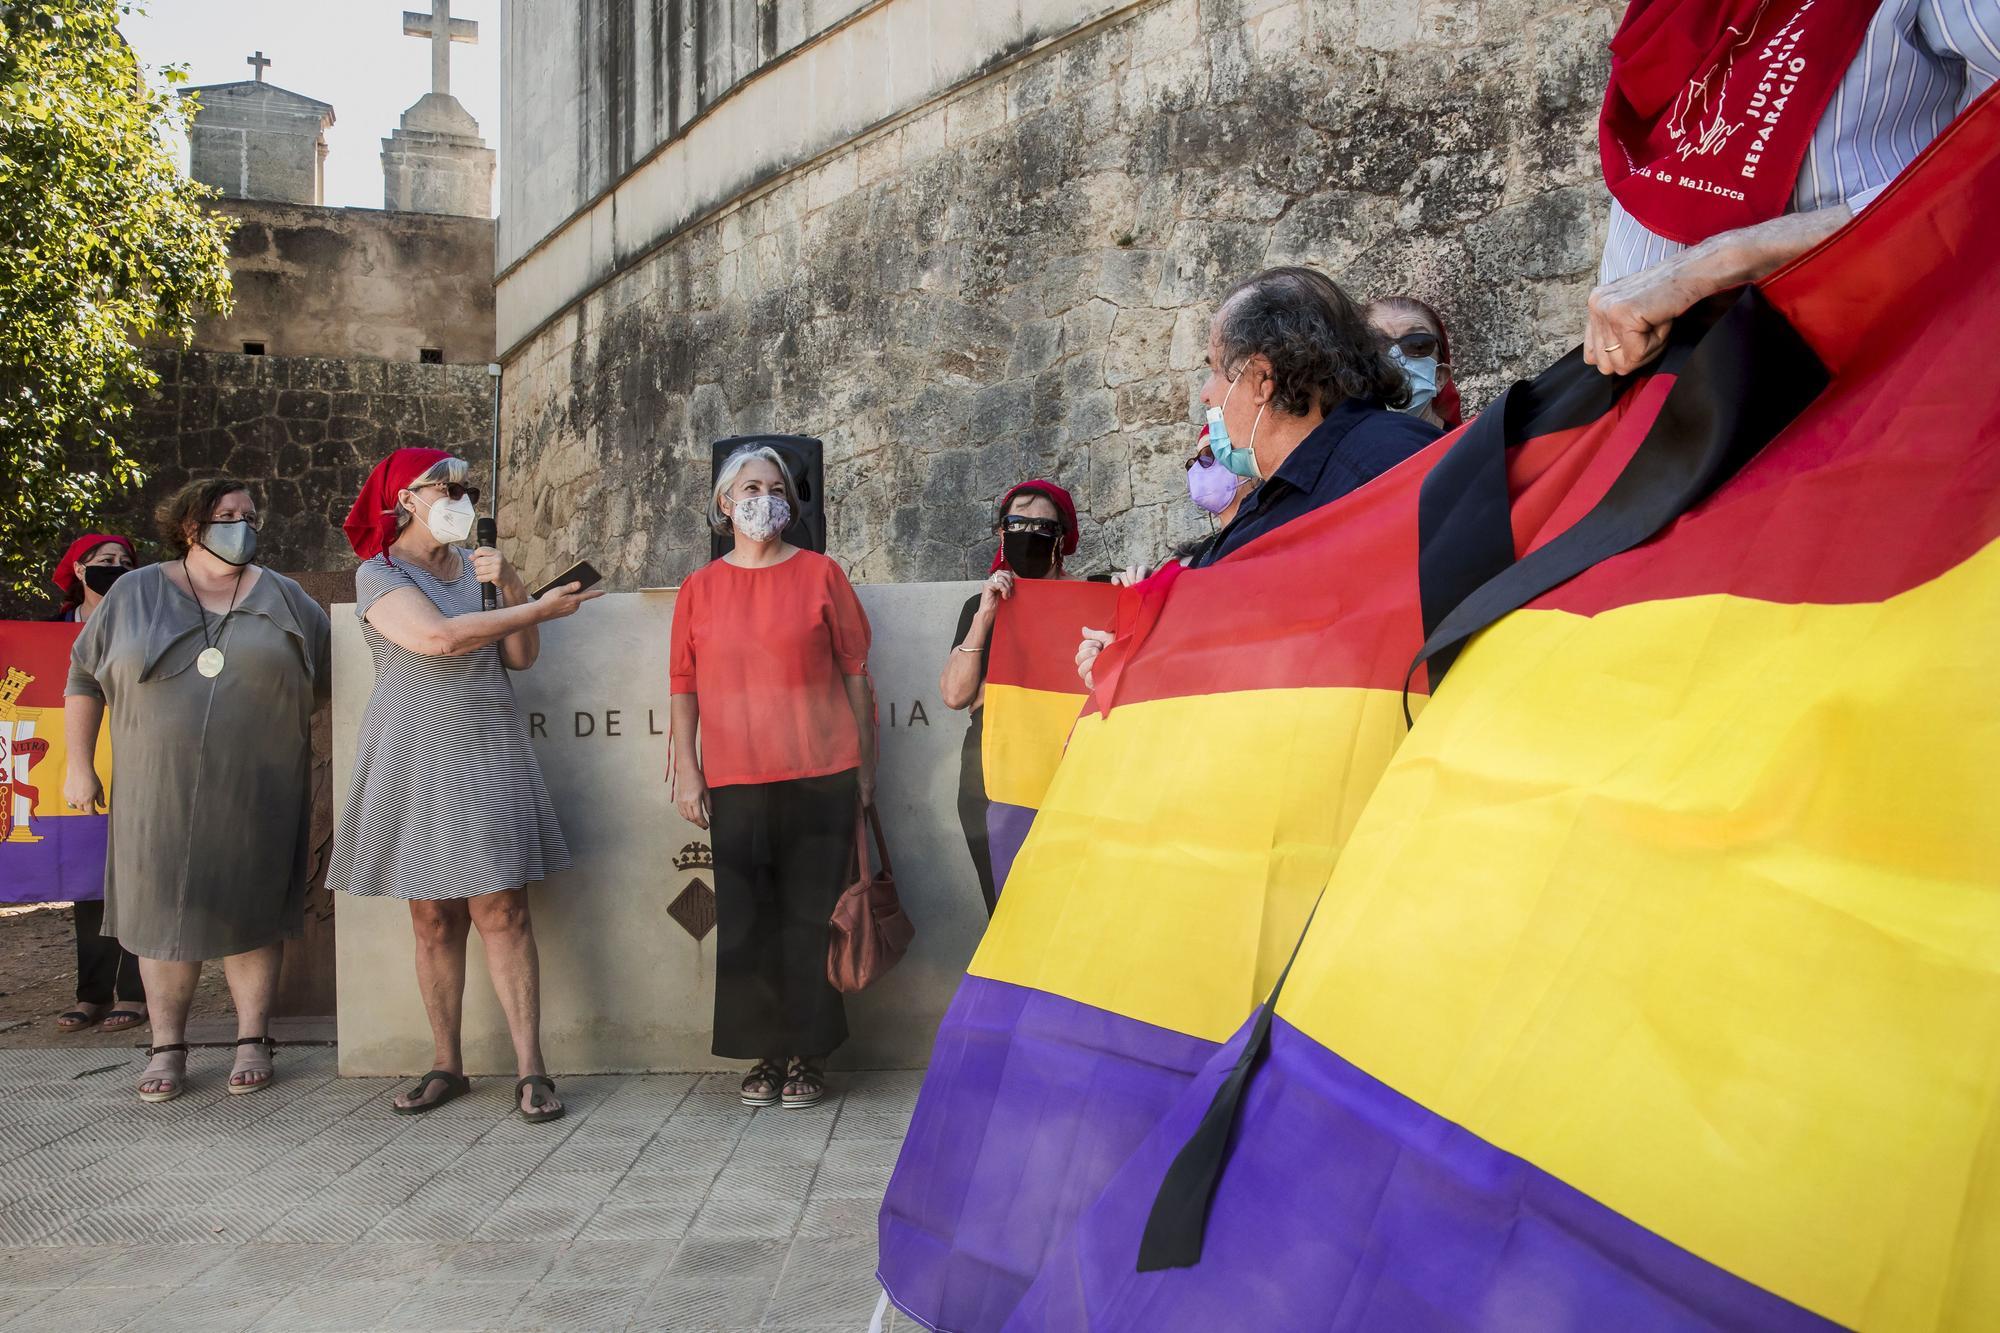 Las banderas de una treintena de municipios de Mallorca ondearán a media asta contra el golpe franquista